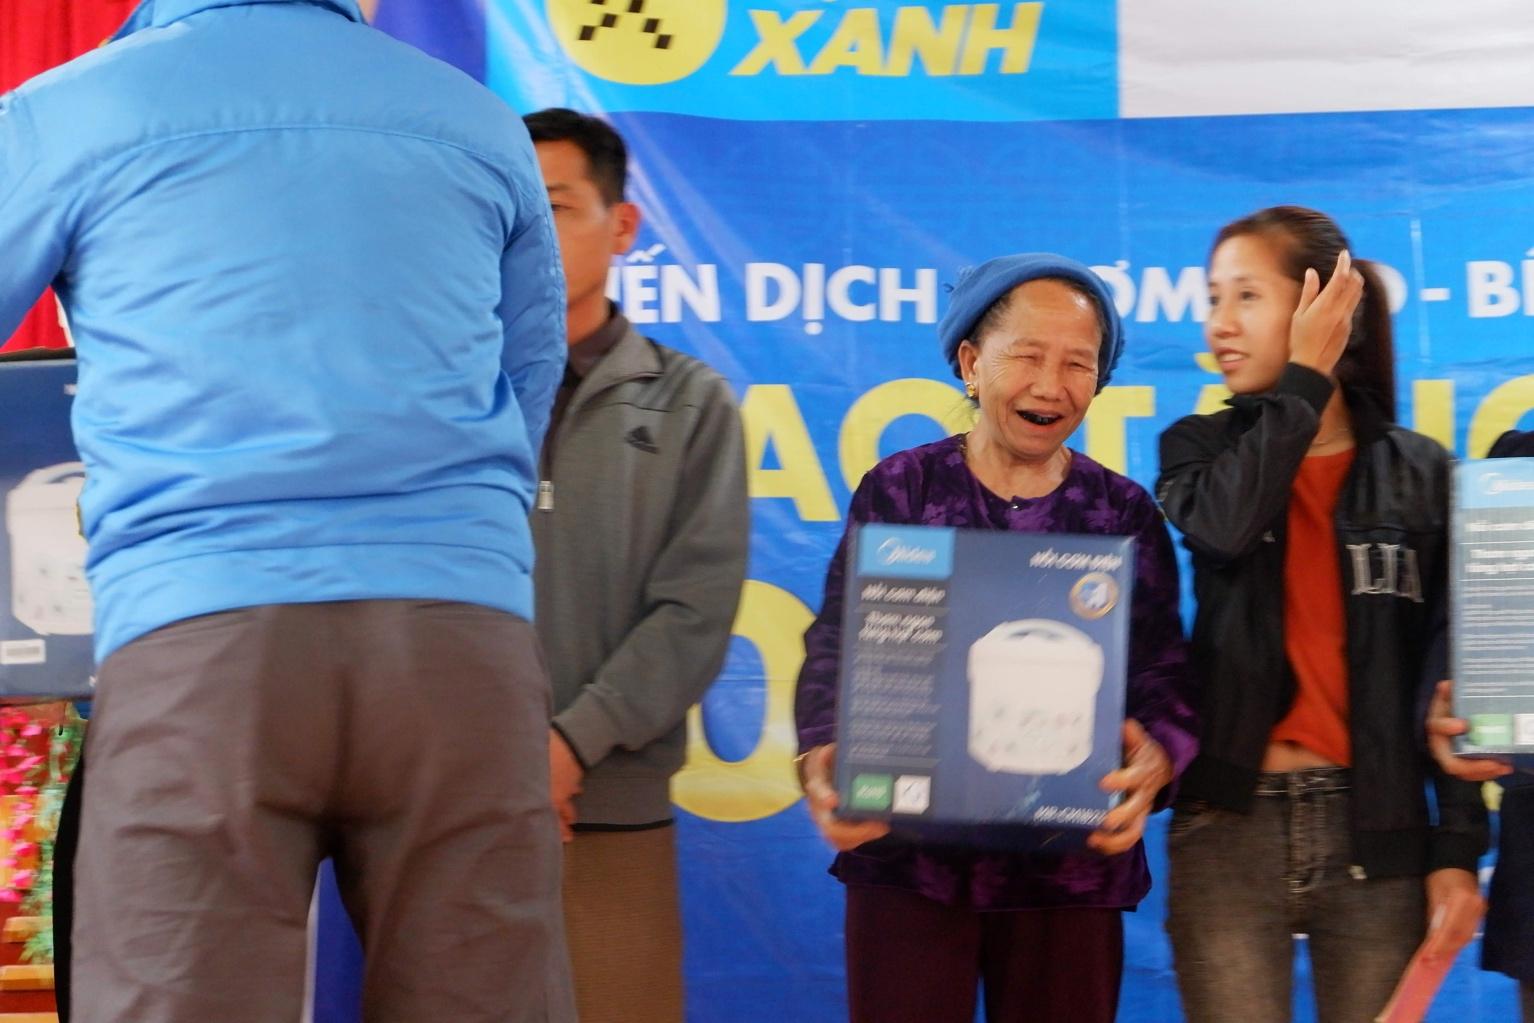 Hãy để Điện máy Xanh và các đối tác góp phần đem đến cái tết ấm và no cho người Việt. Nguồn ảnh do Điện Máy Xanh cung cấp